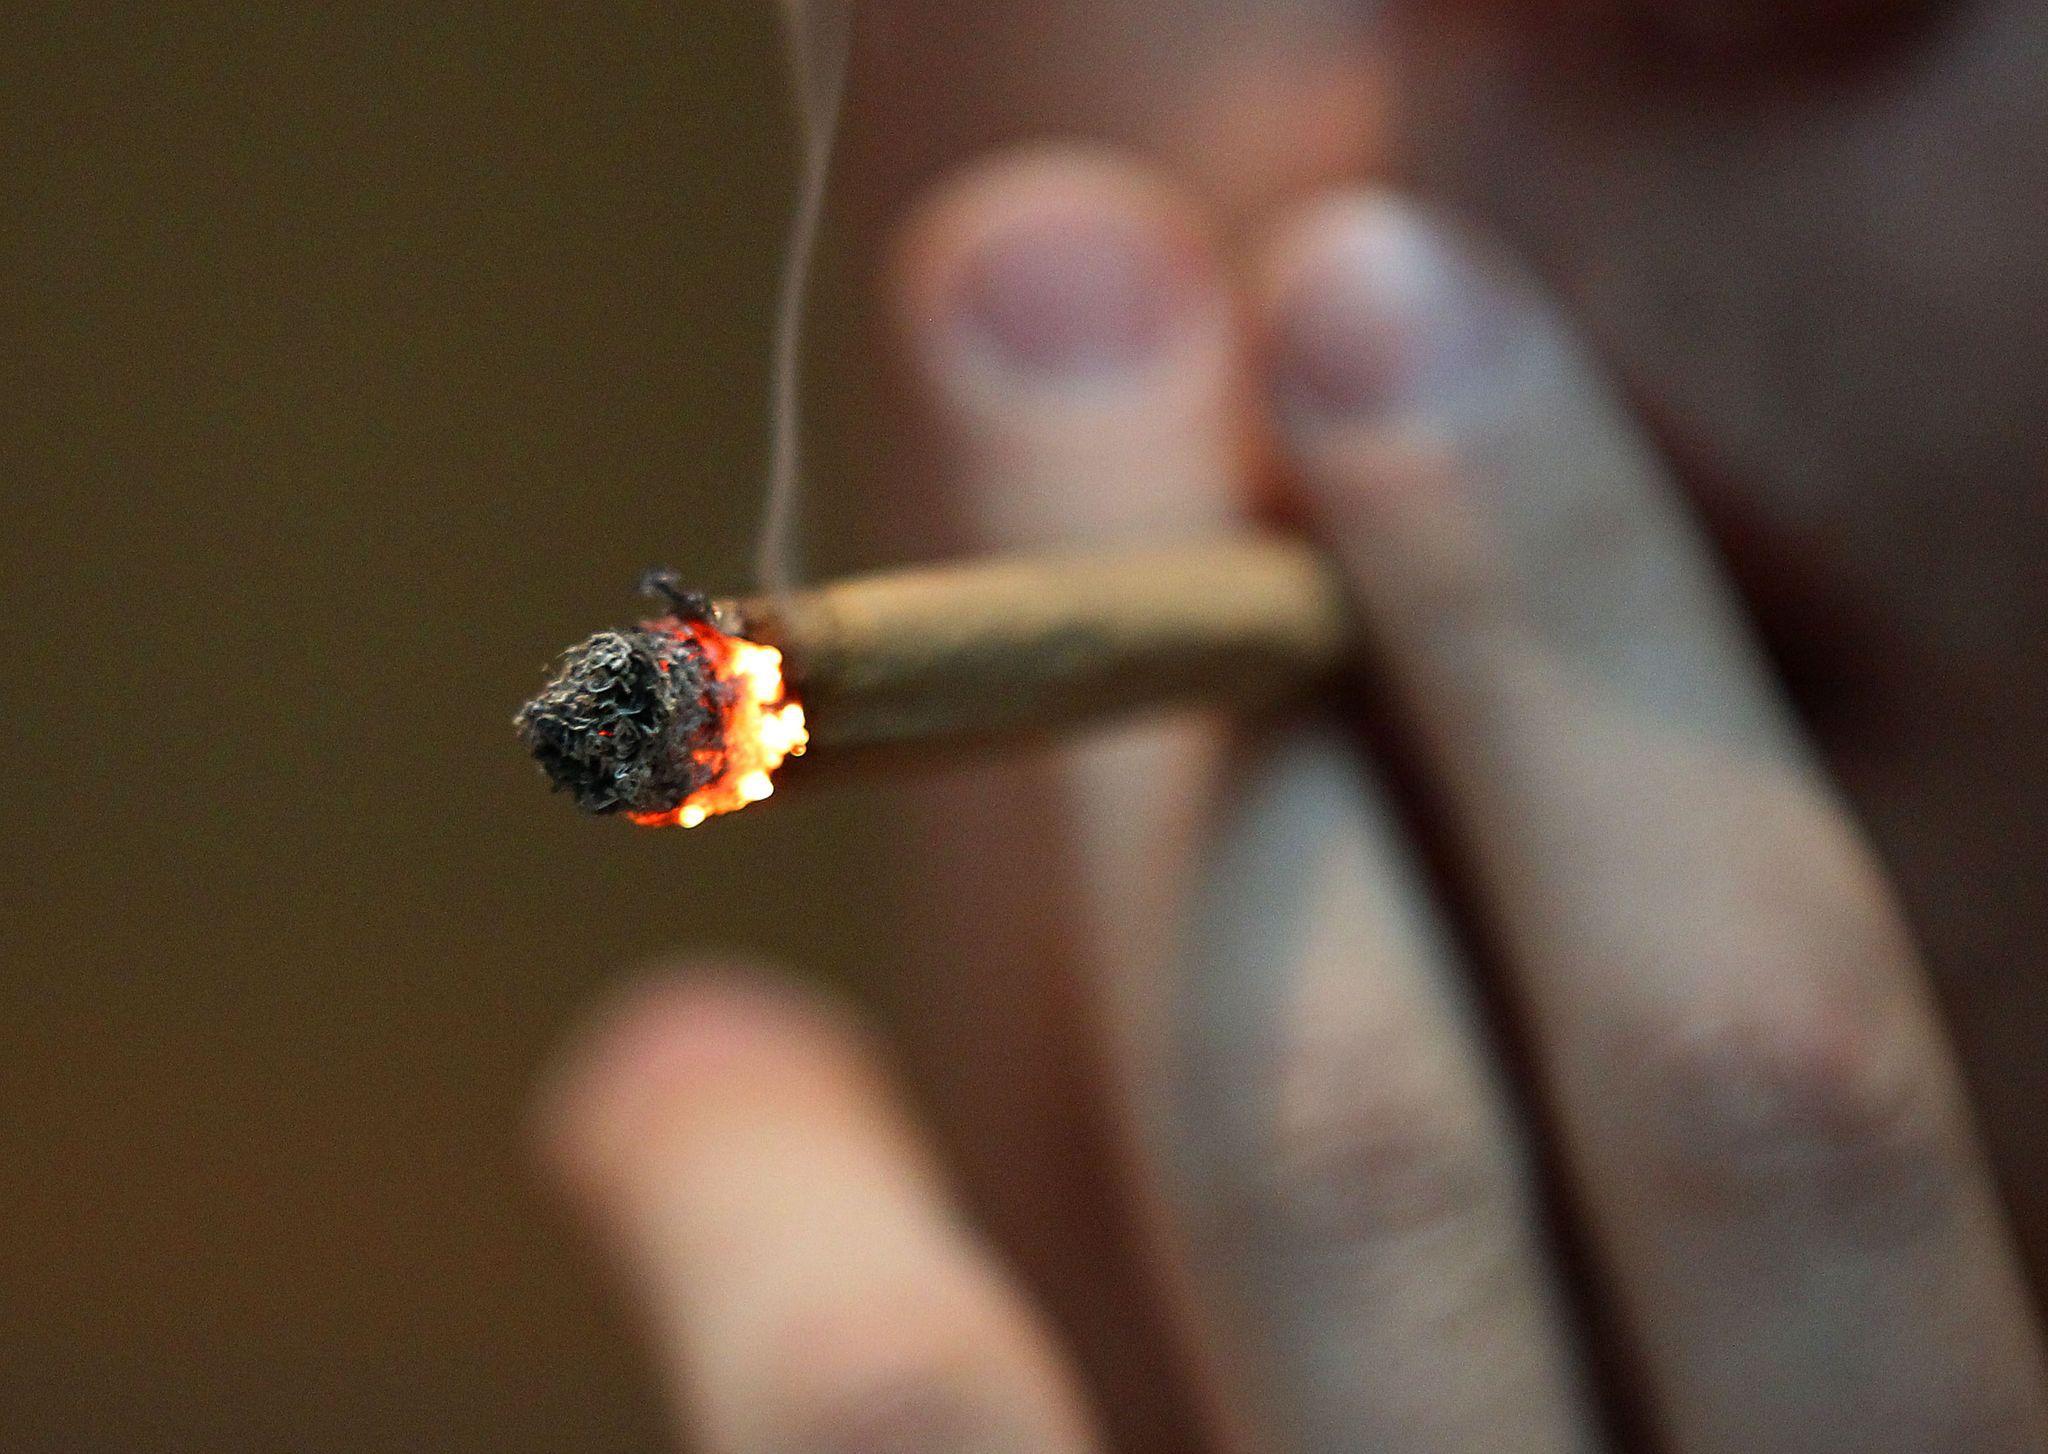 """ARCHIVO - ILUSTRACIÓN- Un hombre fuma un cigarrillo de marihuana en el Coffee Shop """"Easy Going"""" de Amsterdam. Ahora también será posible hacerlo legalmente en Nueva York. Foto: picture alliance / Oliver Berg/dpa"""